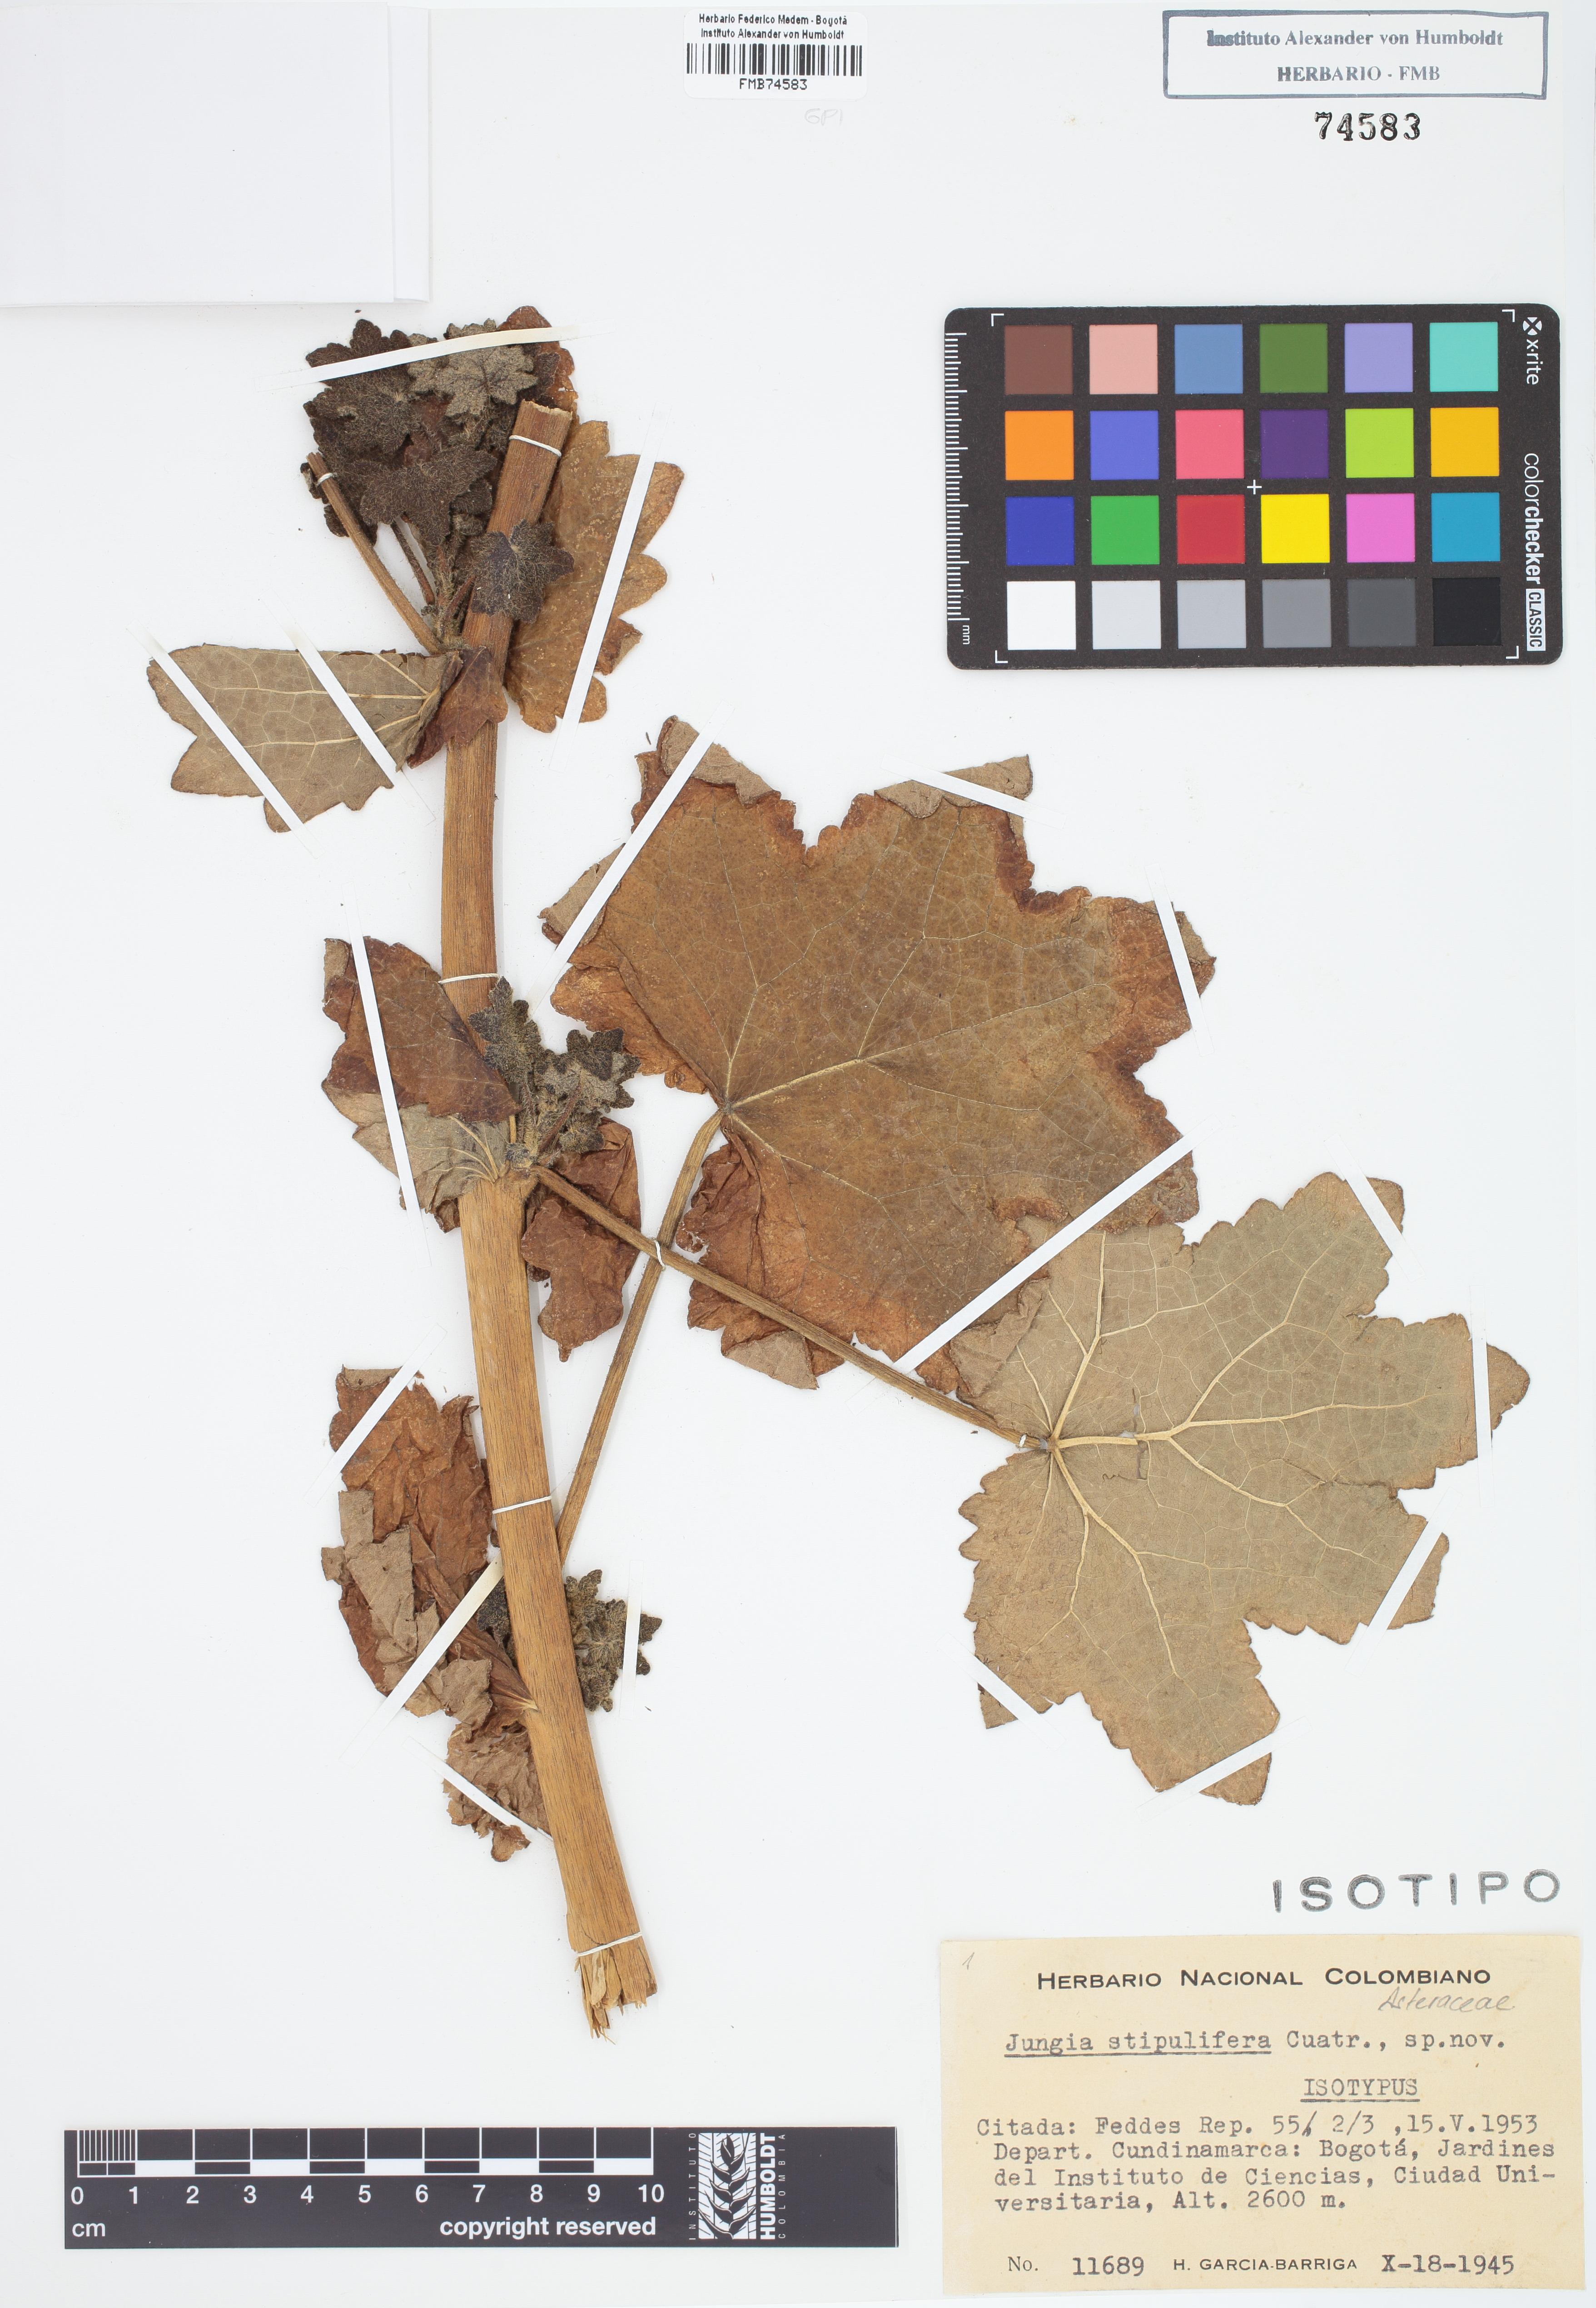 Isotipo de <em>Jungia stipulifera</em>, FMB-74583, Fotografía por Robles A.